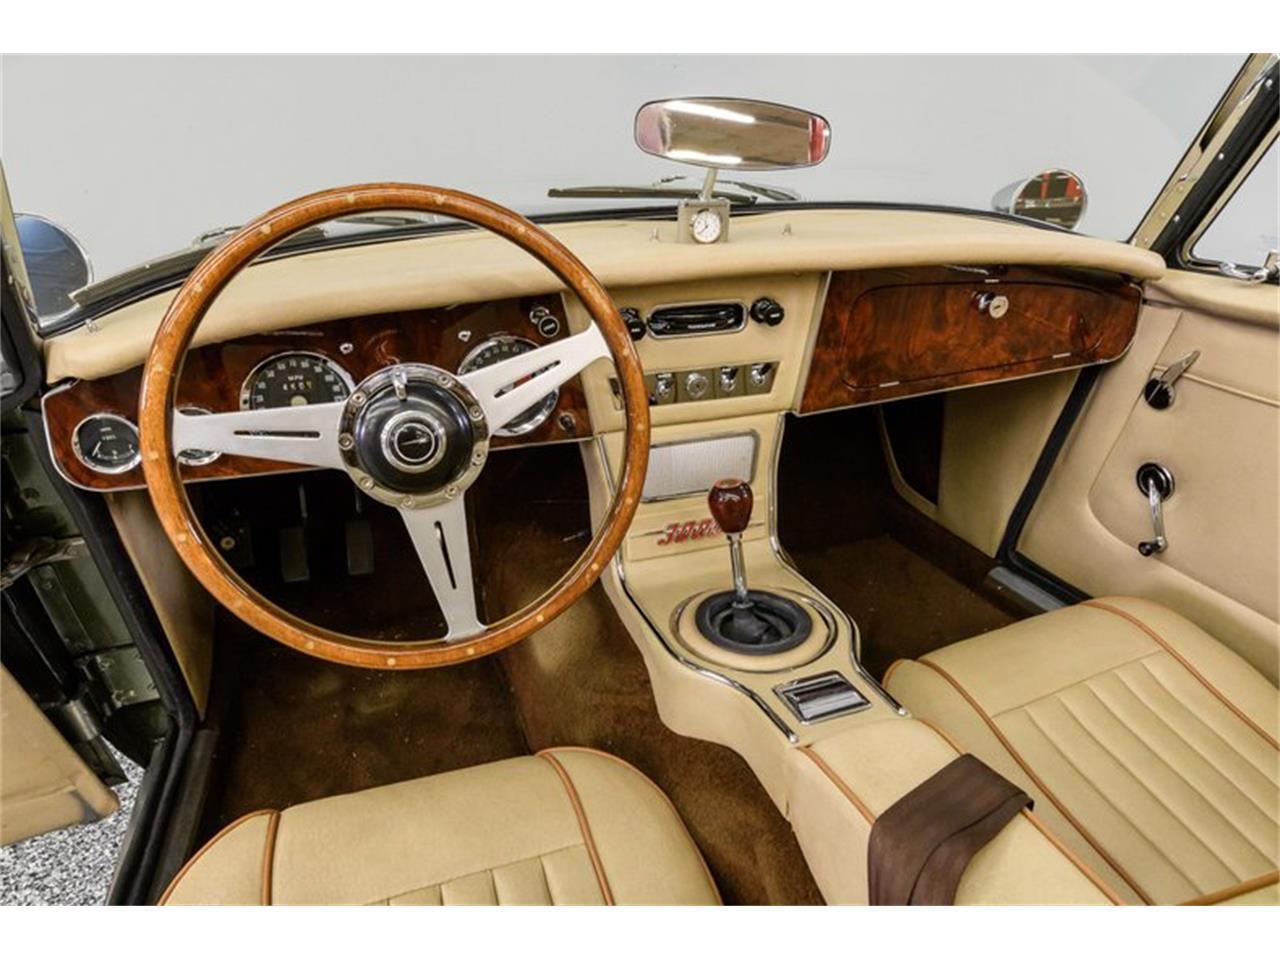 1967 Austin-Healey 3000 (CC-1208193) for sale in Concord, North Carolina